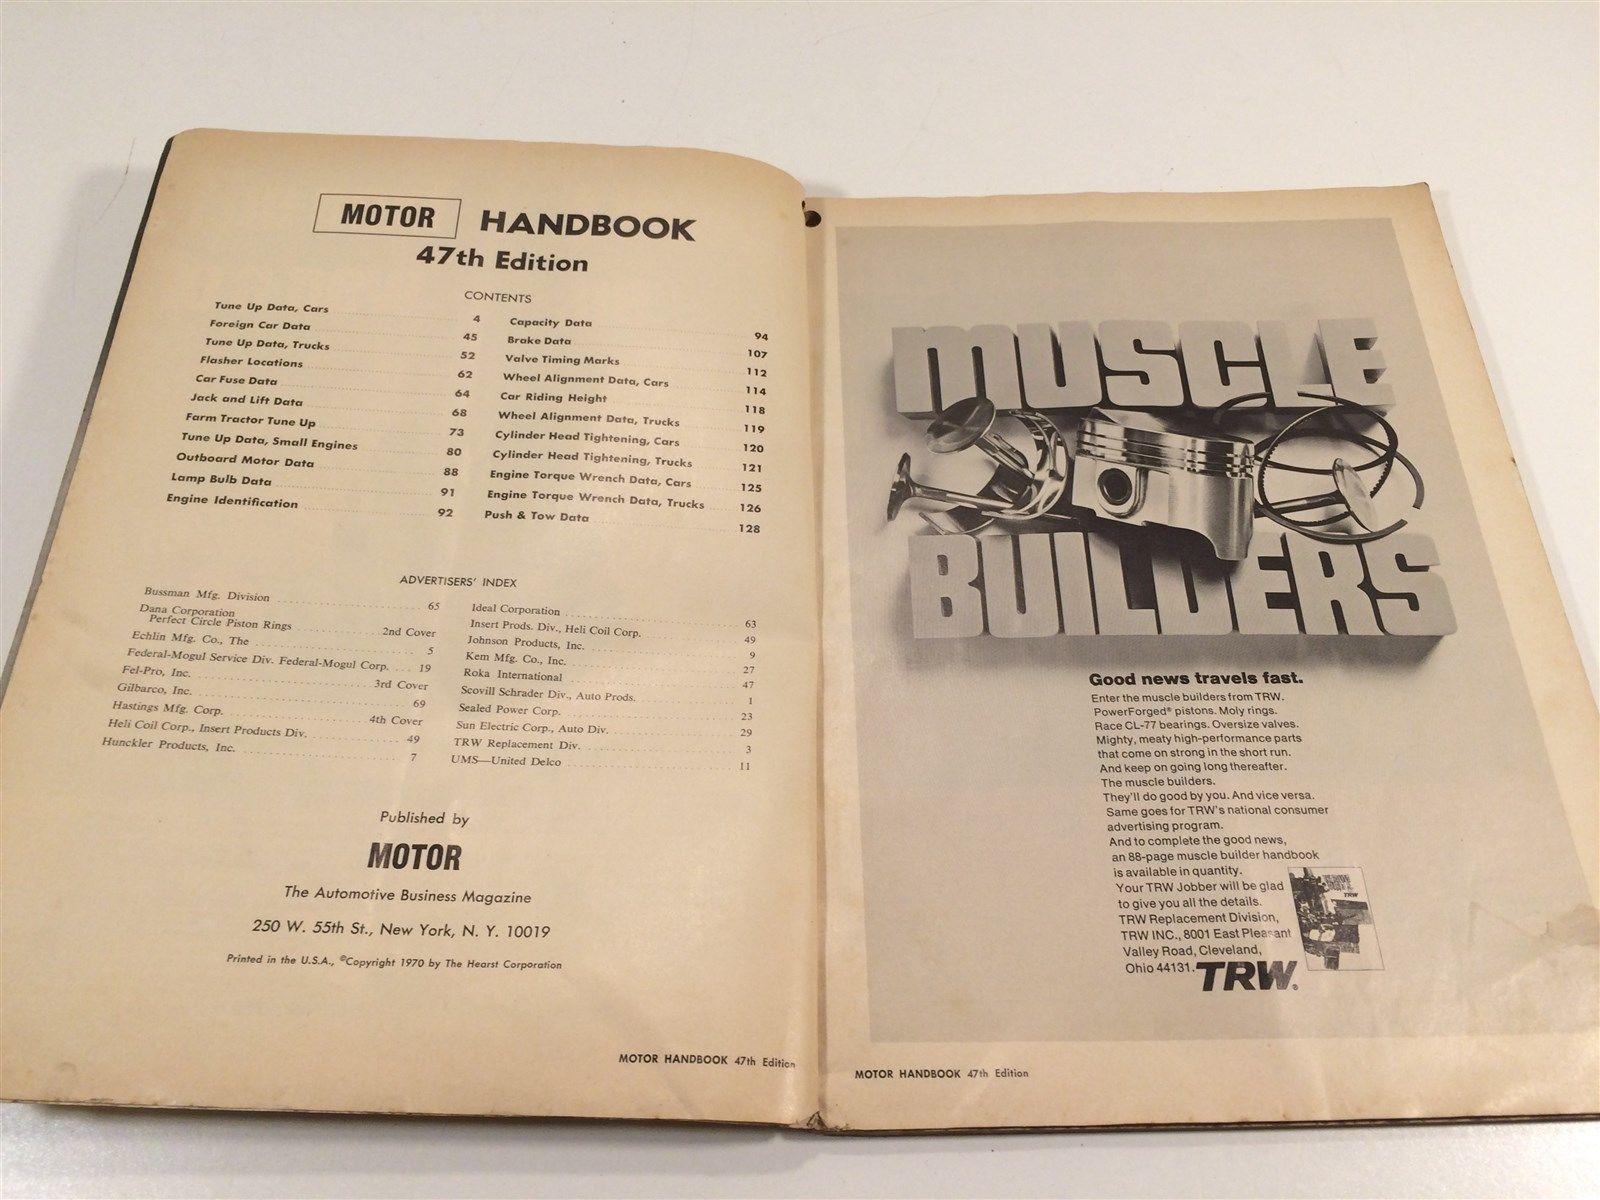 1970 Motor Handbook 47th Edition